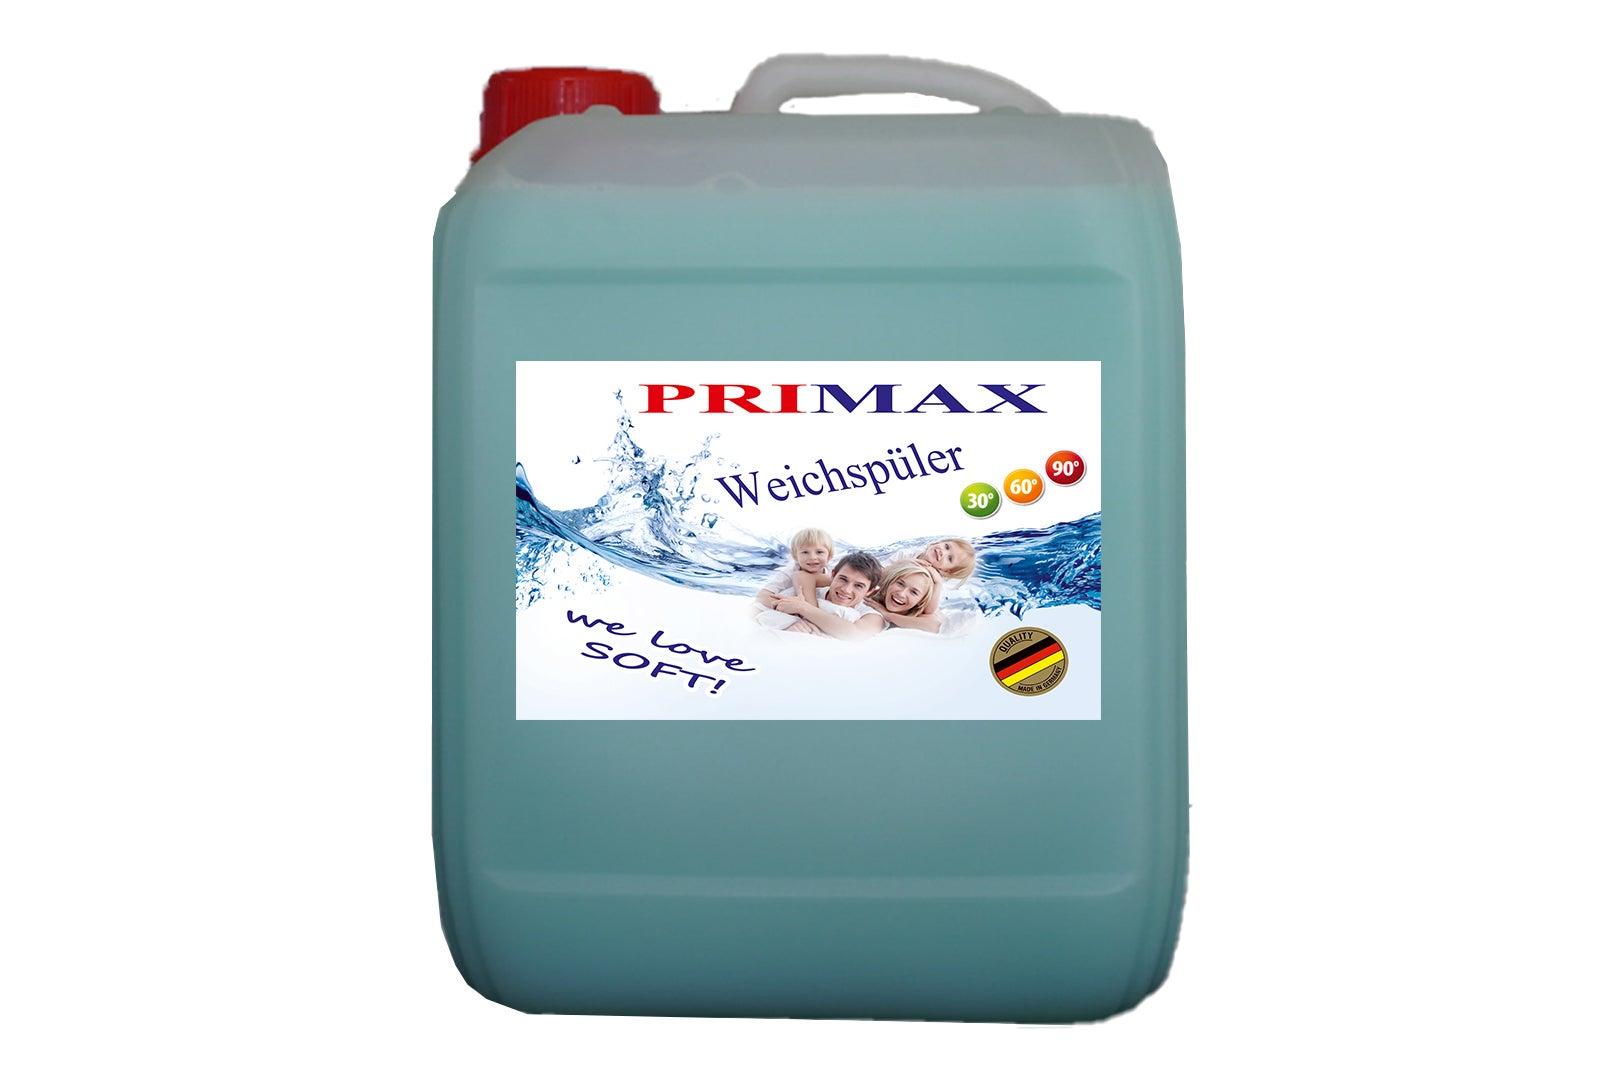 Primax Weichspüler